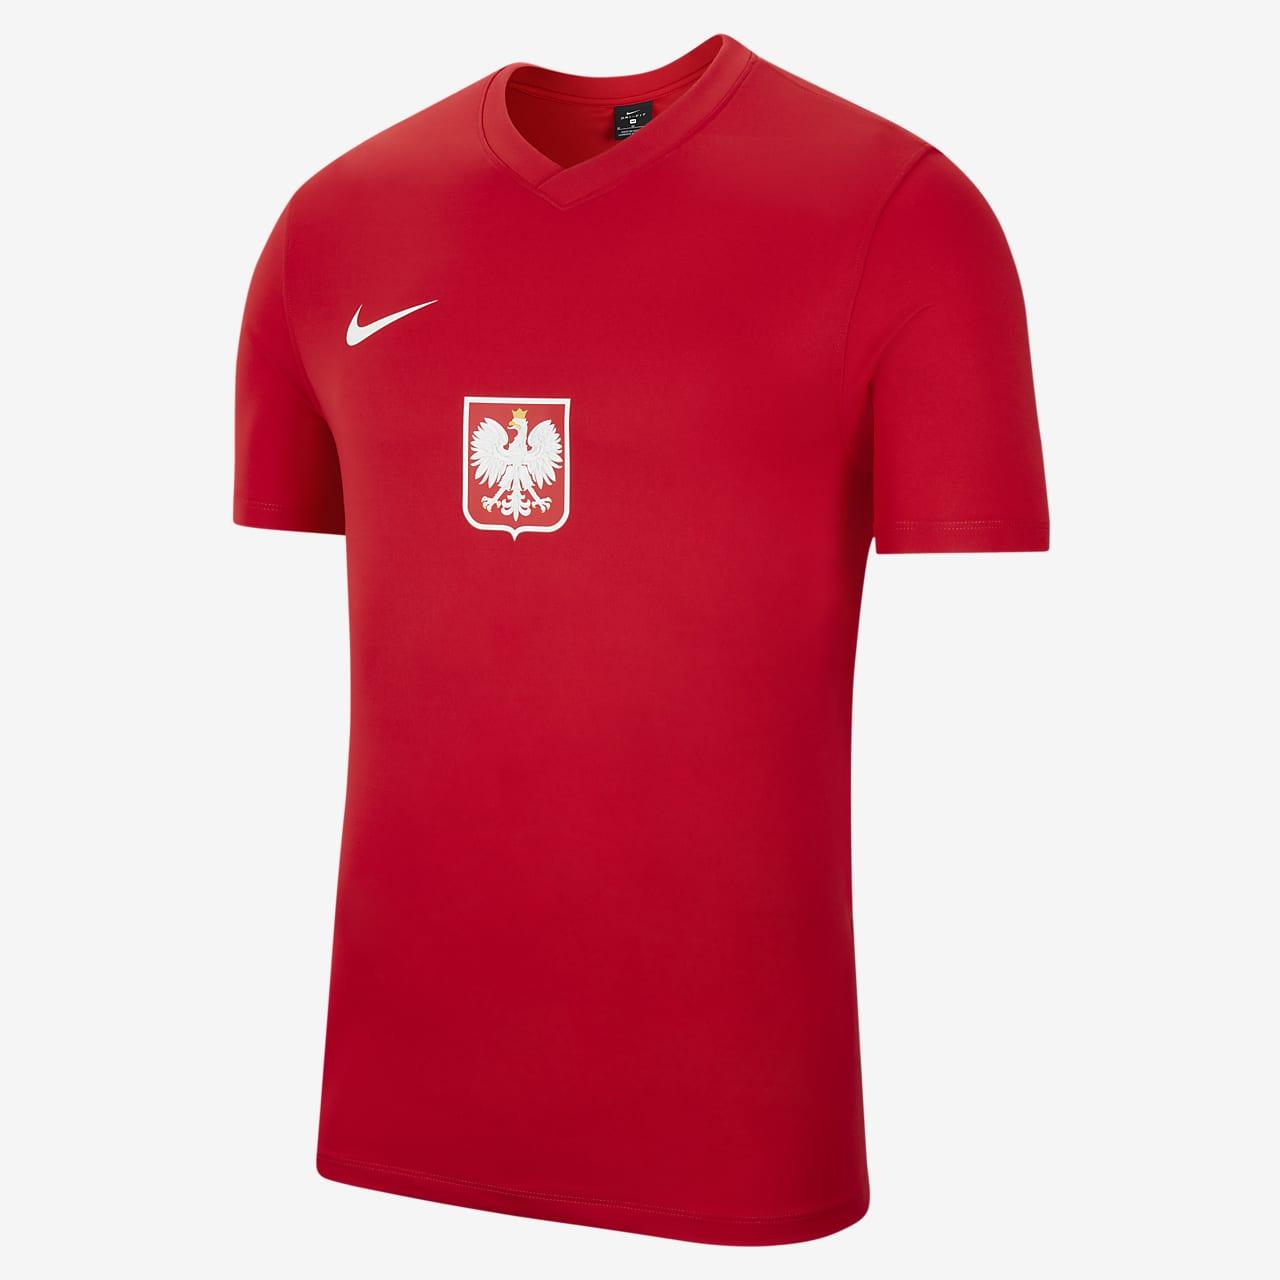 Ανδρική κοντομάνικη ποδοσφαιρική μπλούζα Πολωνία Home/Away